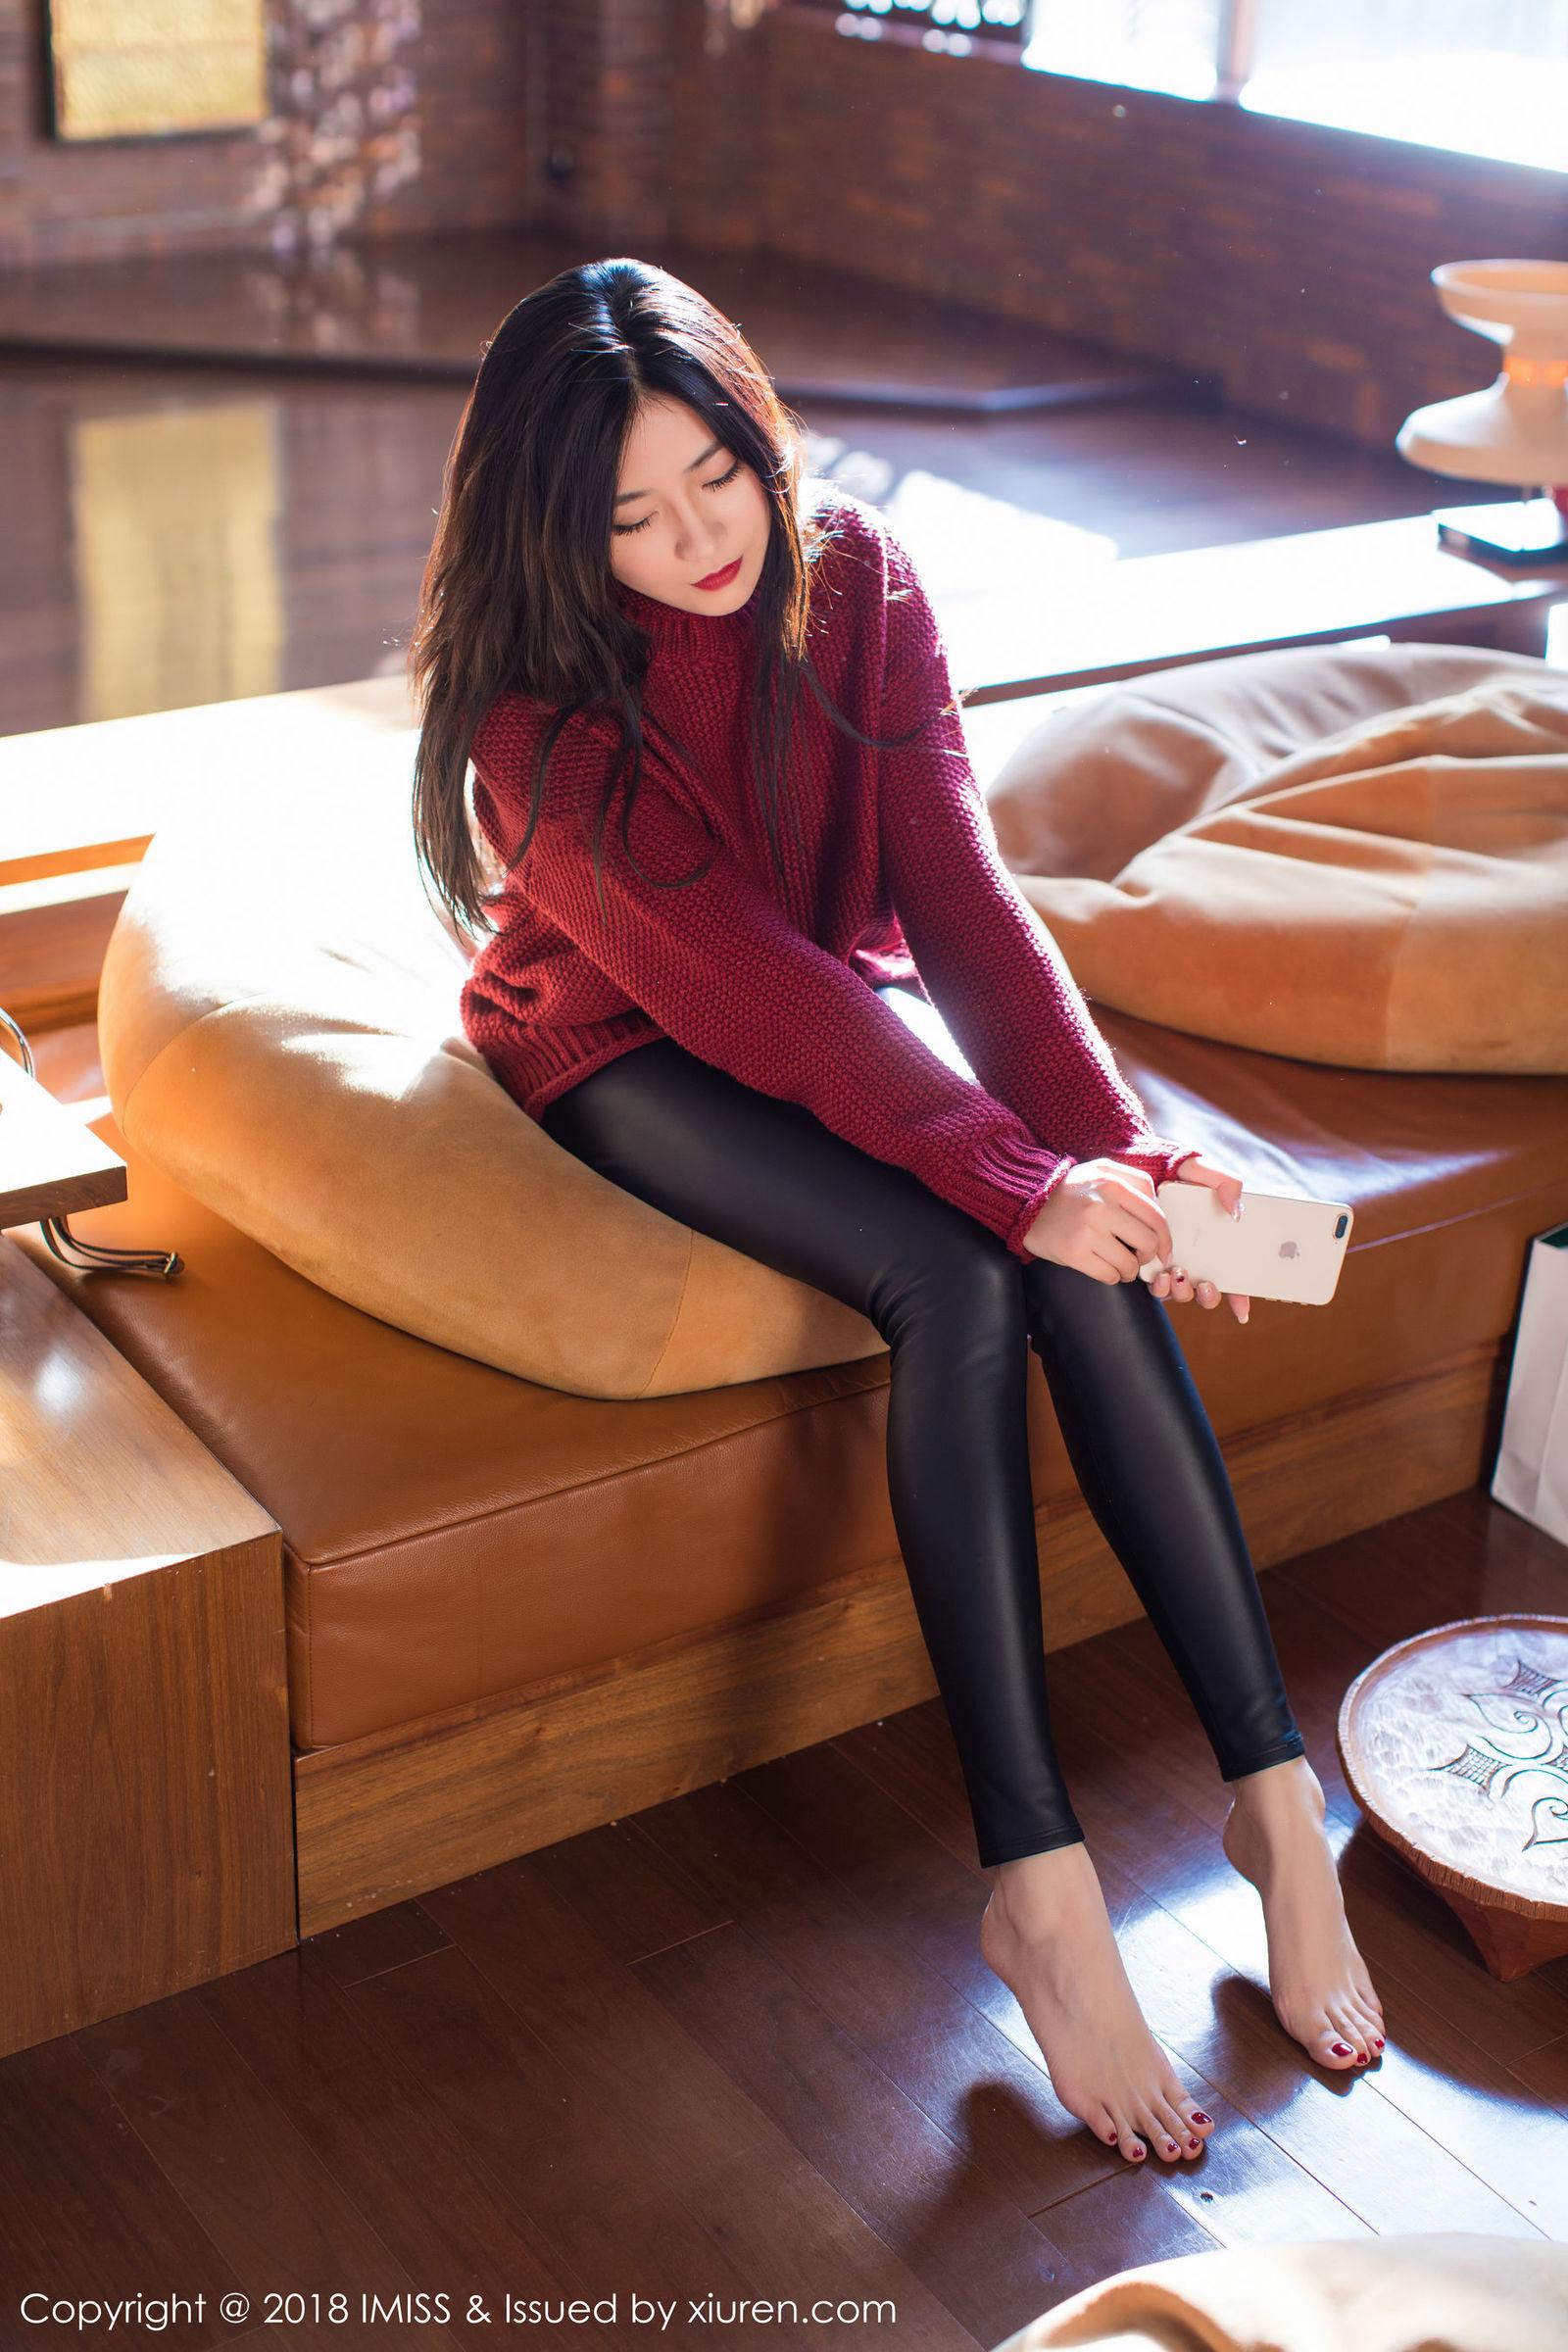 许诺Sabrina - 黑丝OL加紧身皮裤系列